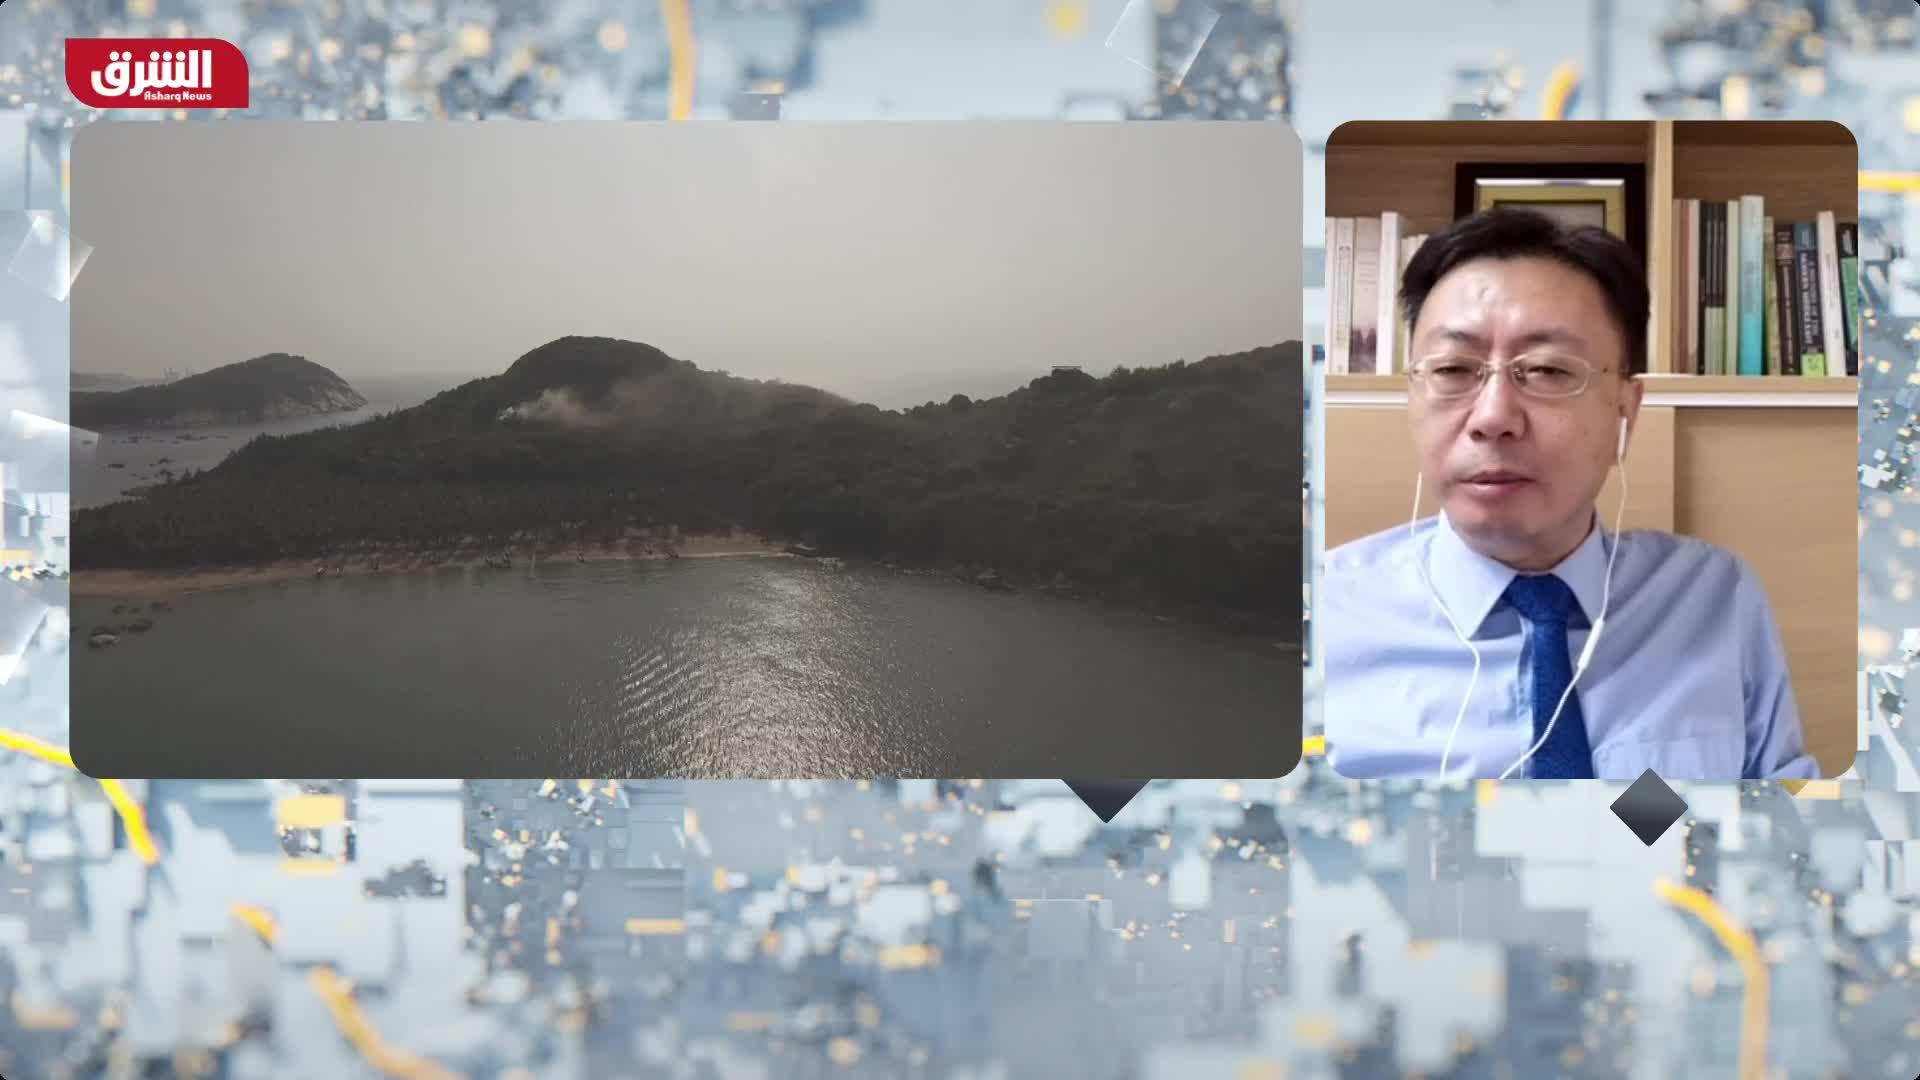 هل ما يحدث في بحر الصين الجنوبي استعراض للقوة من قبل الولايات المتحدة وحلفائها؟